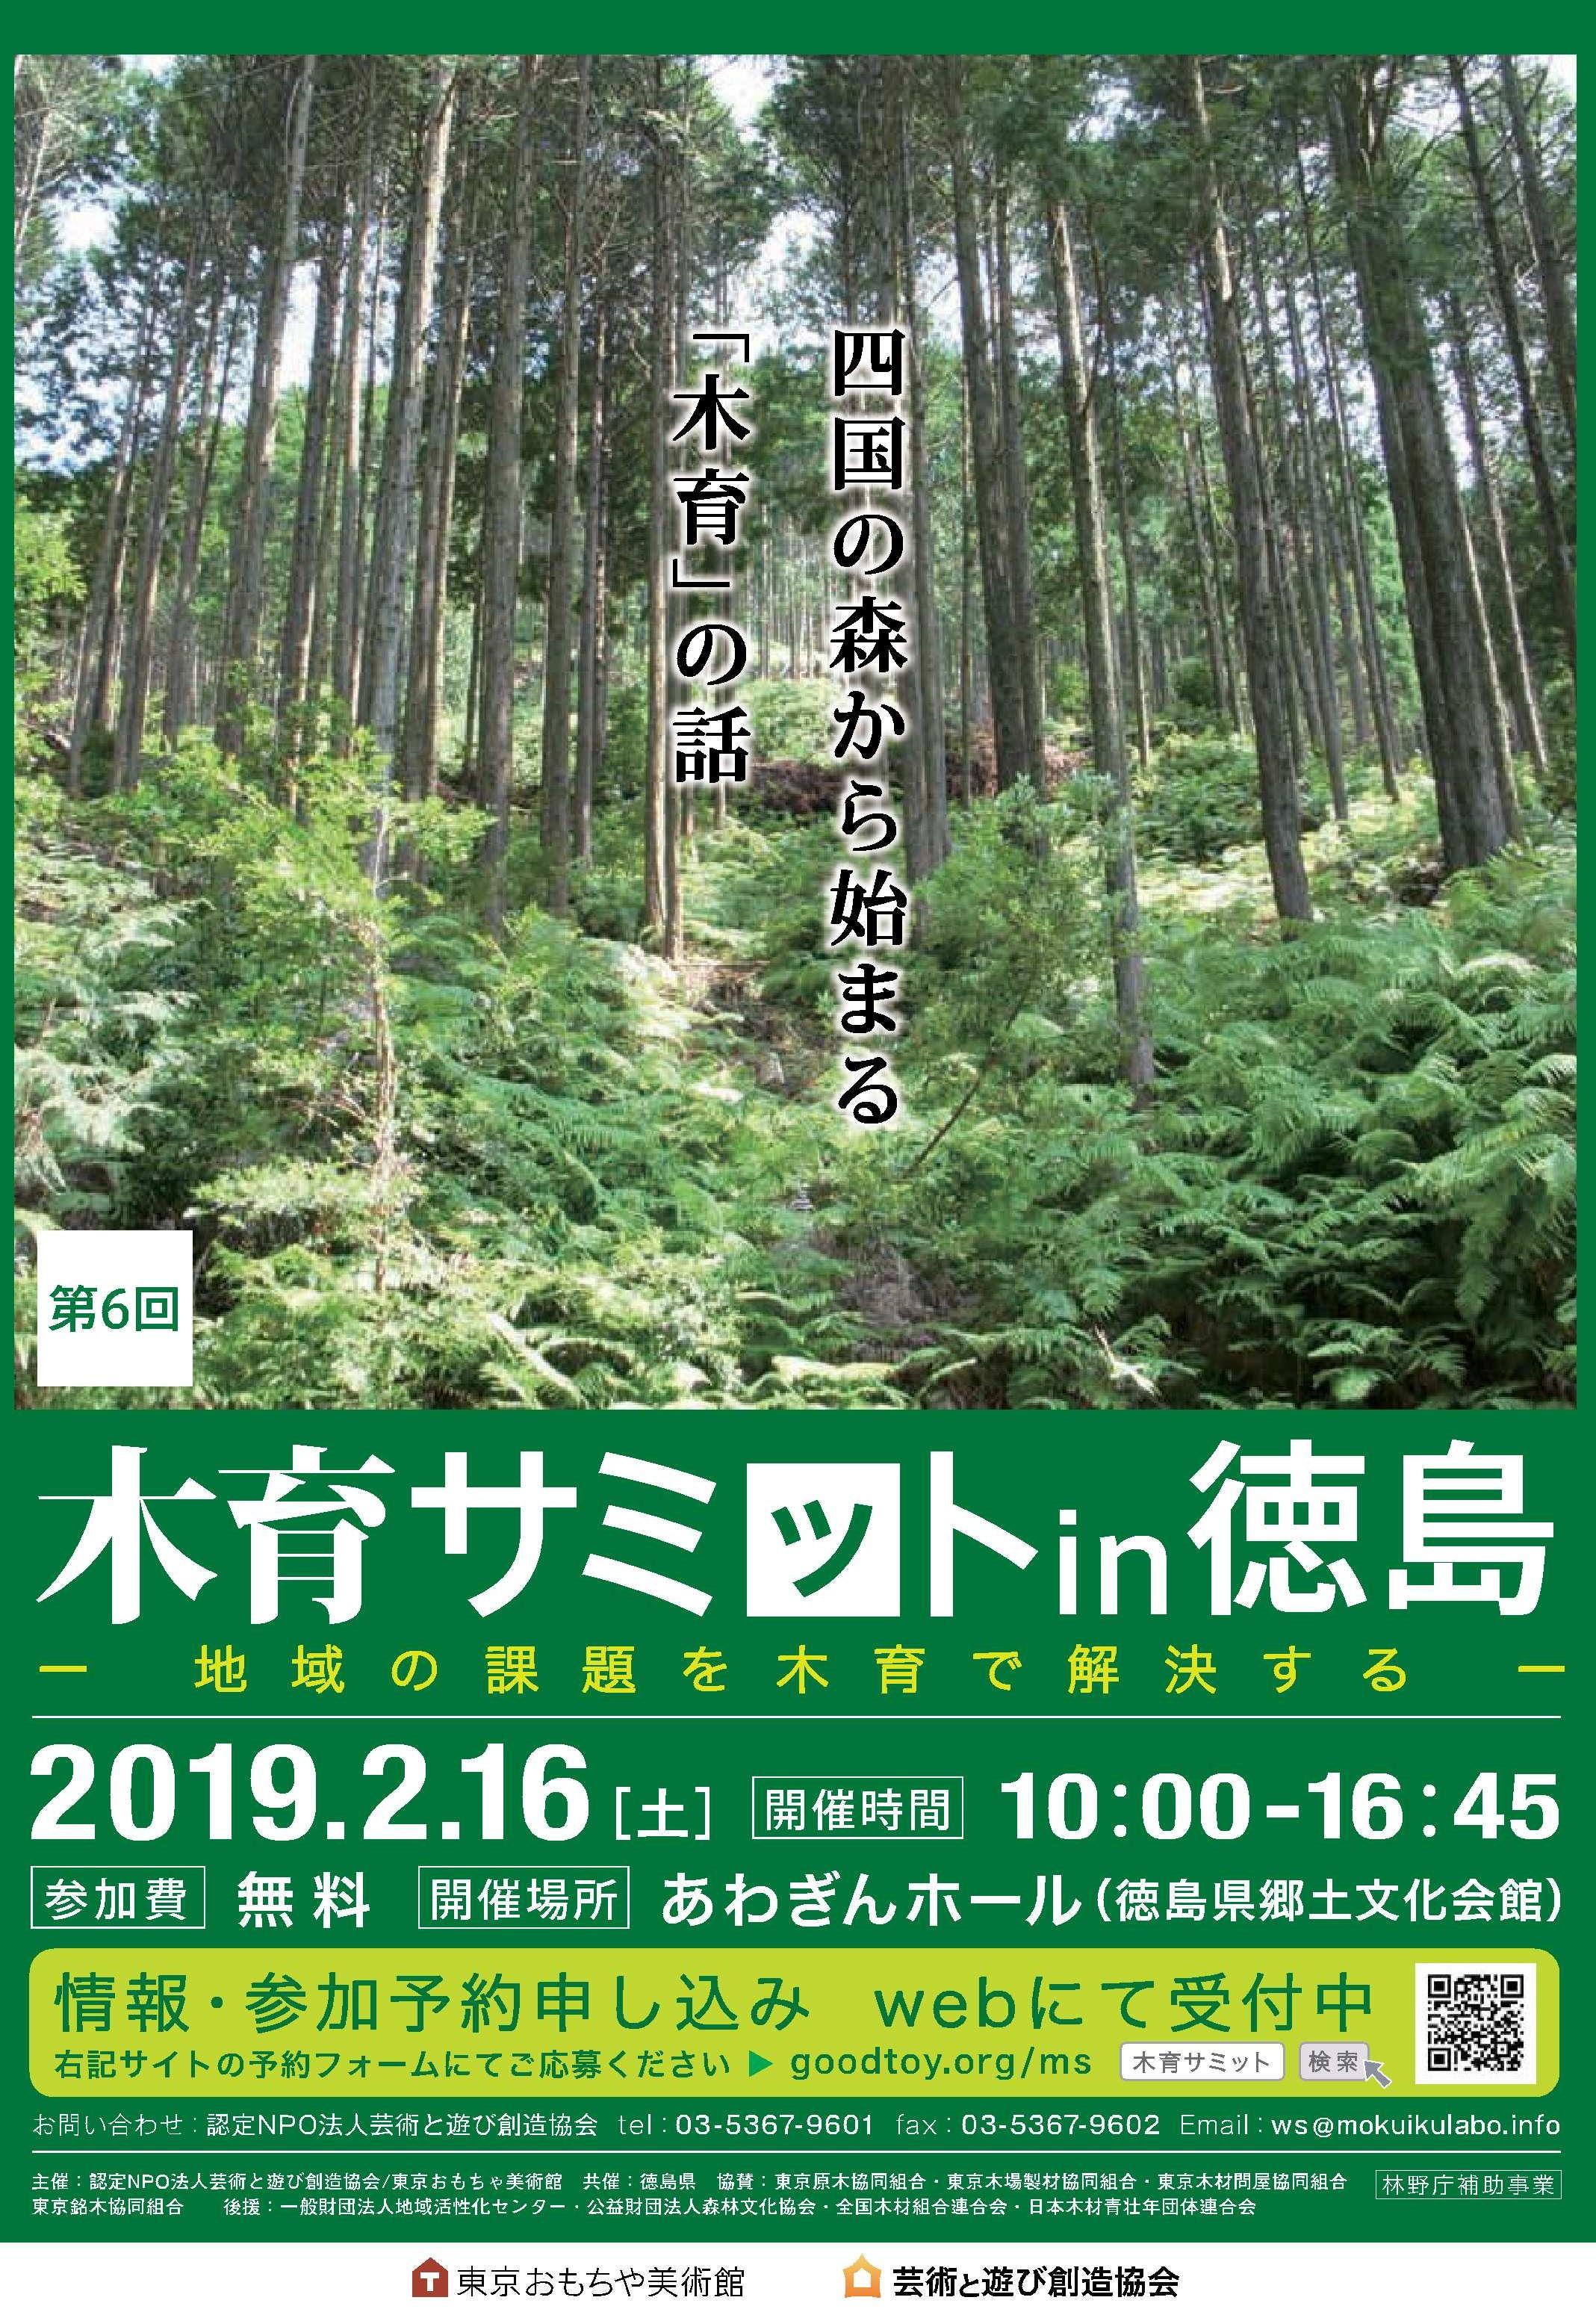 木育サミット in 徳島 H31.2.16開催!